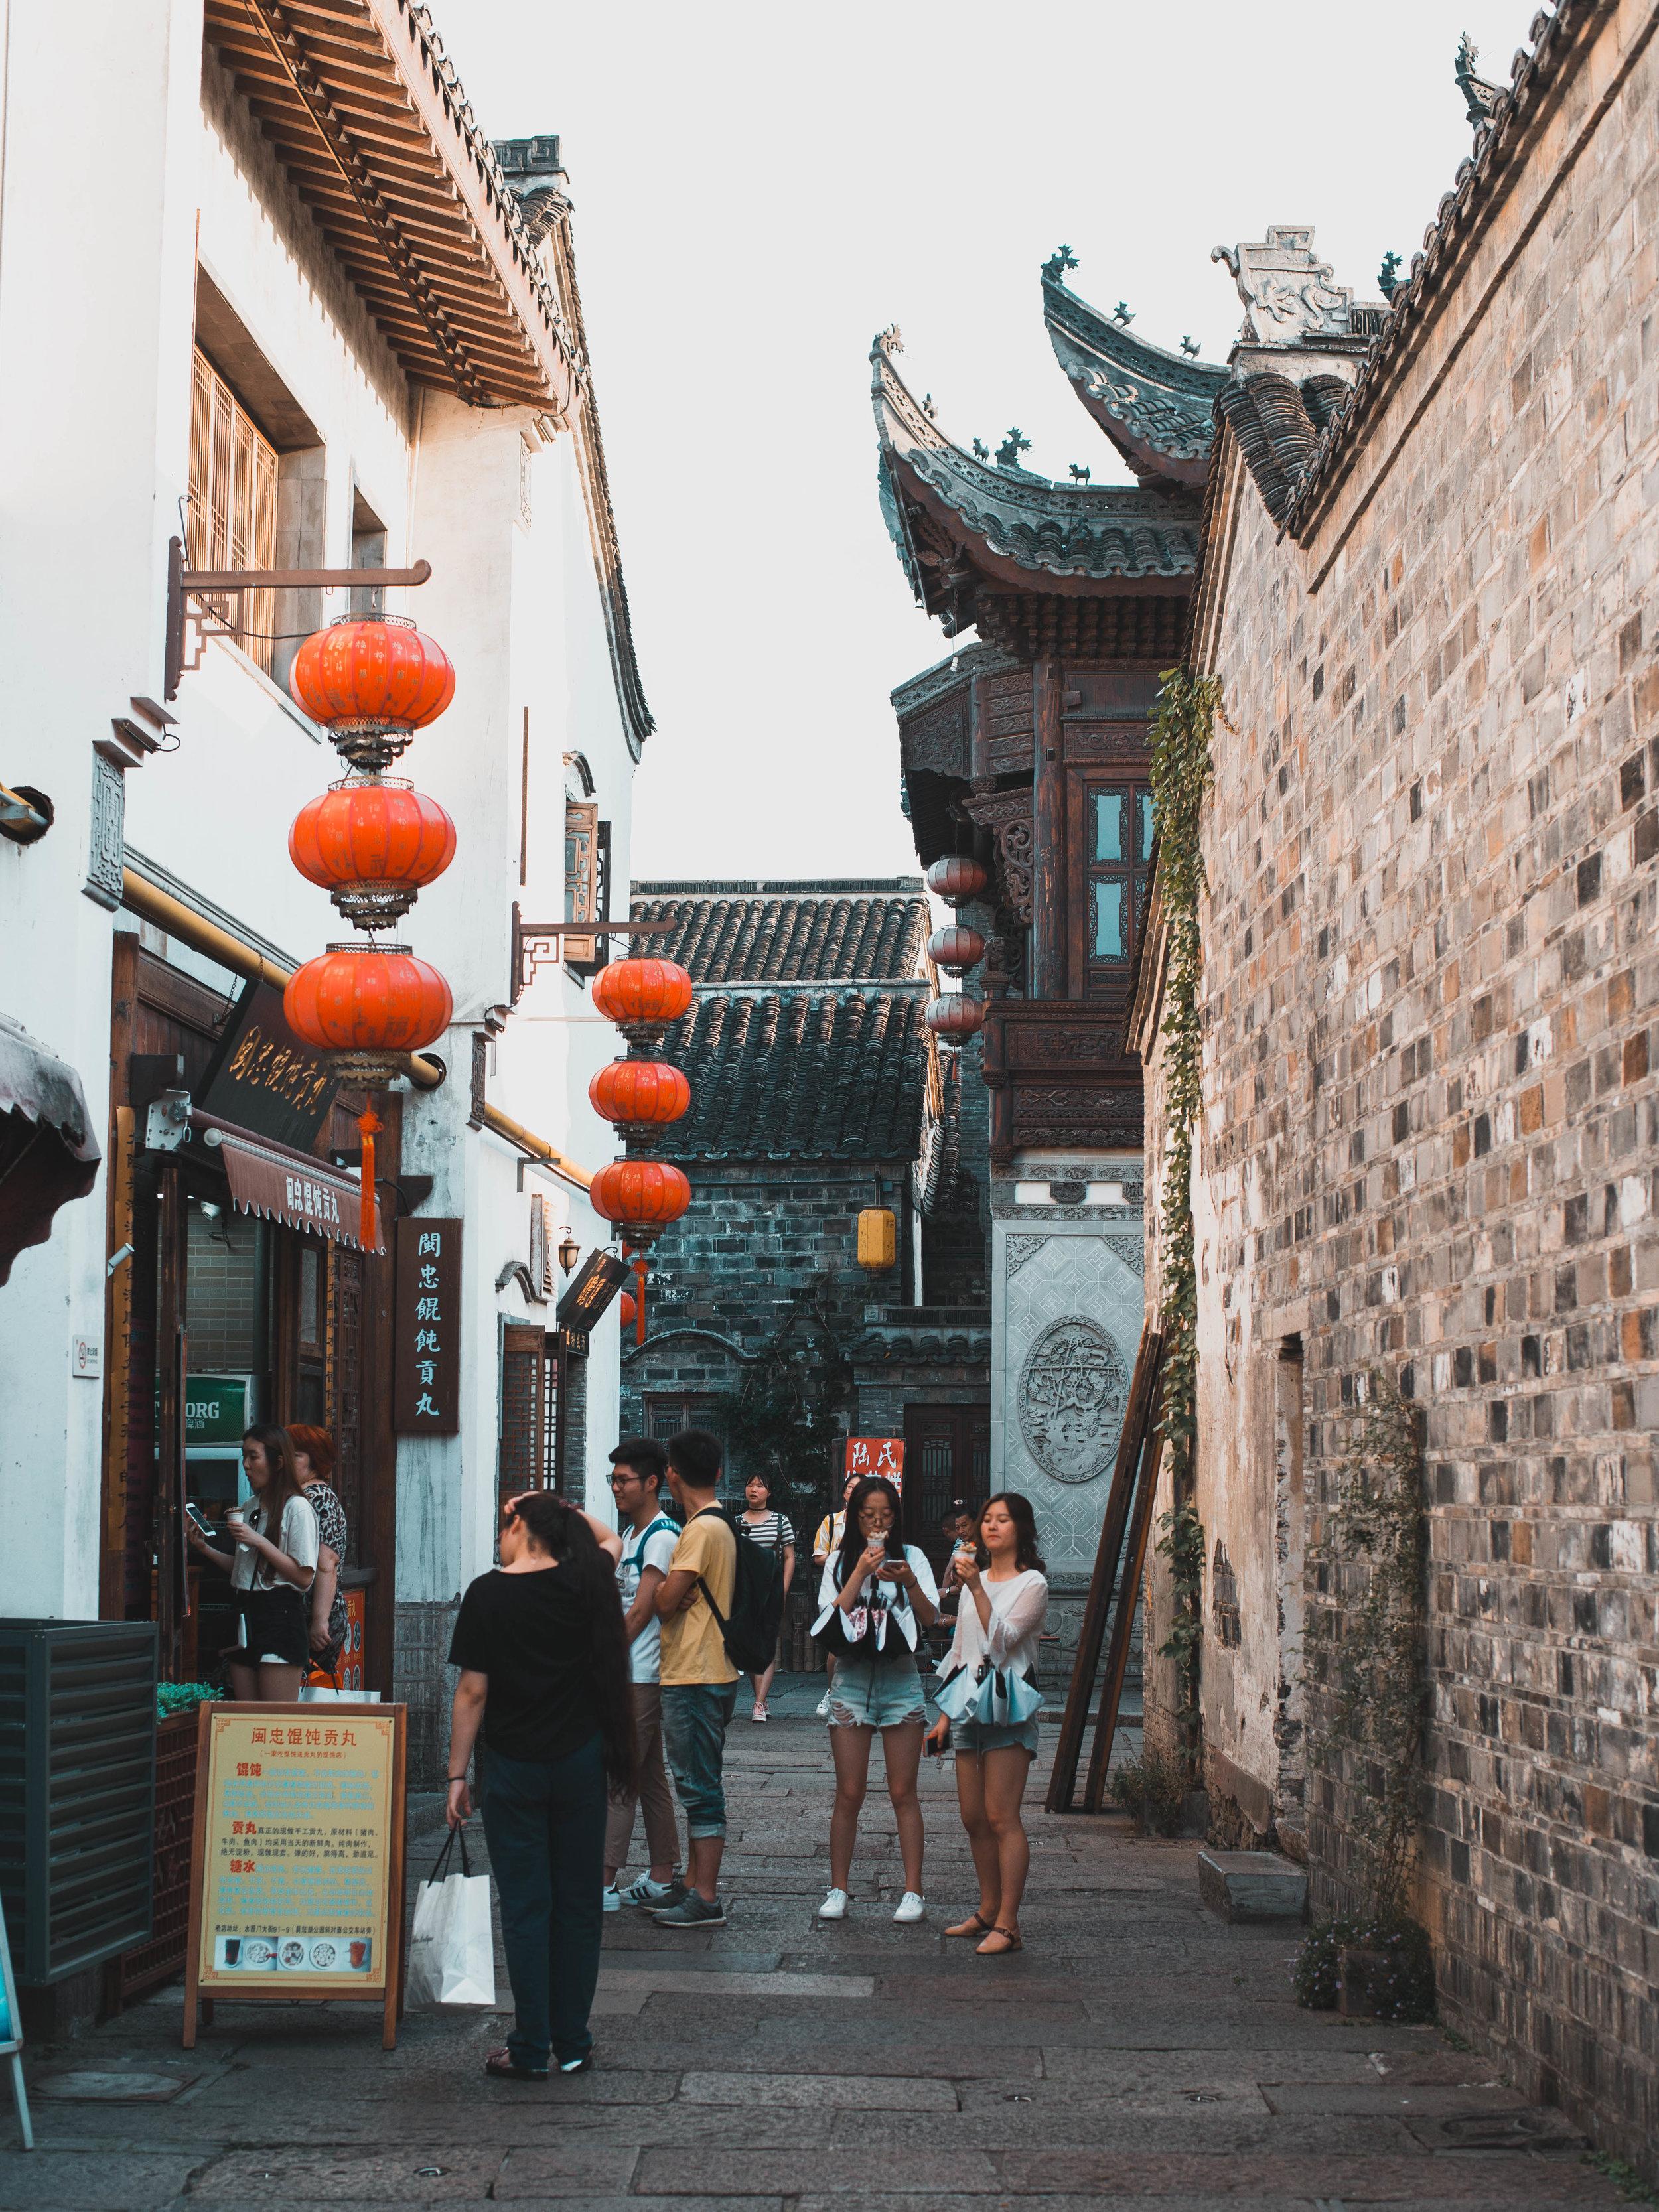 Shopping at the Fuzimiao market in Nanjing